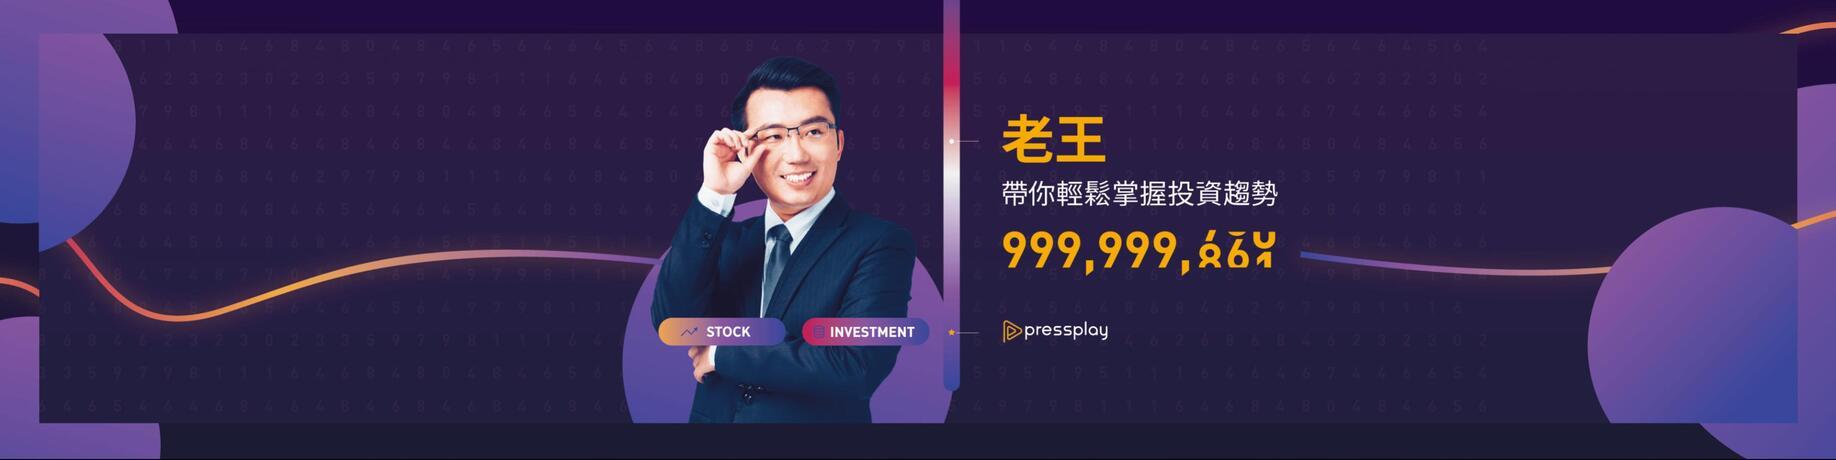 【老王愛說笑】- 為您洞悉全球財經與掌握台股主流!